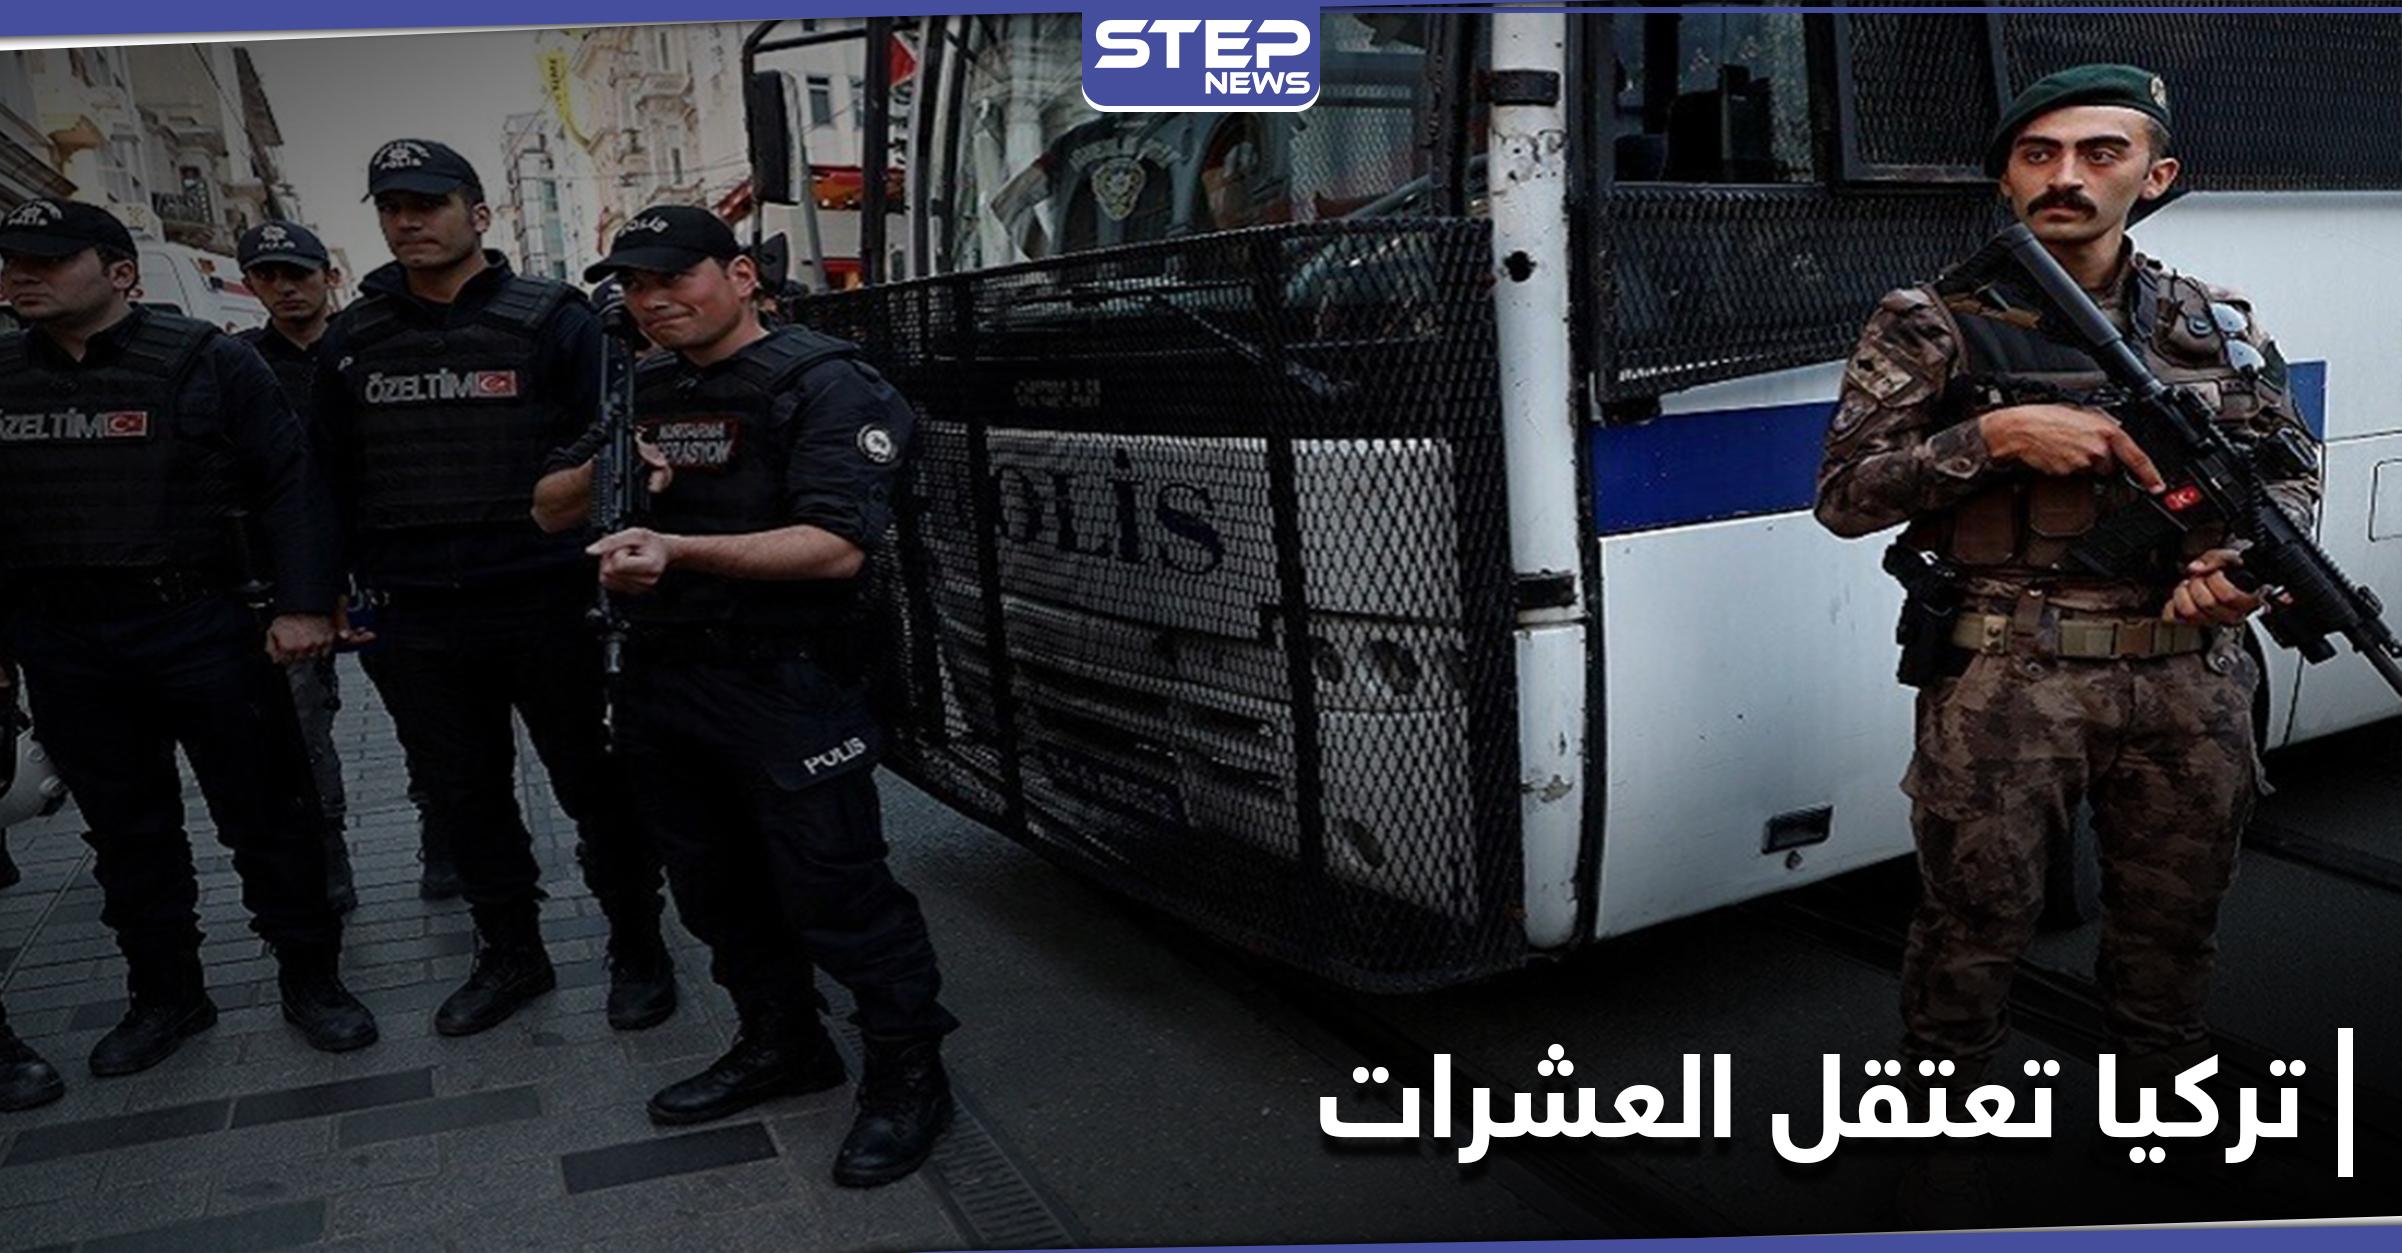 أغلبهم برتبٍ رفيعة في الجيش.. تركيا تعتقل العشرات وتقرر رحيل ناشطة تركمانية